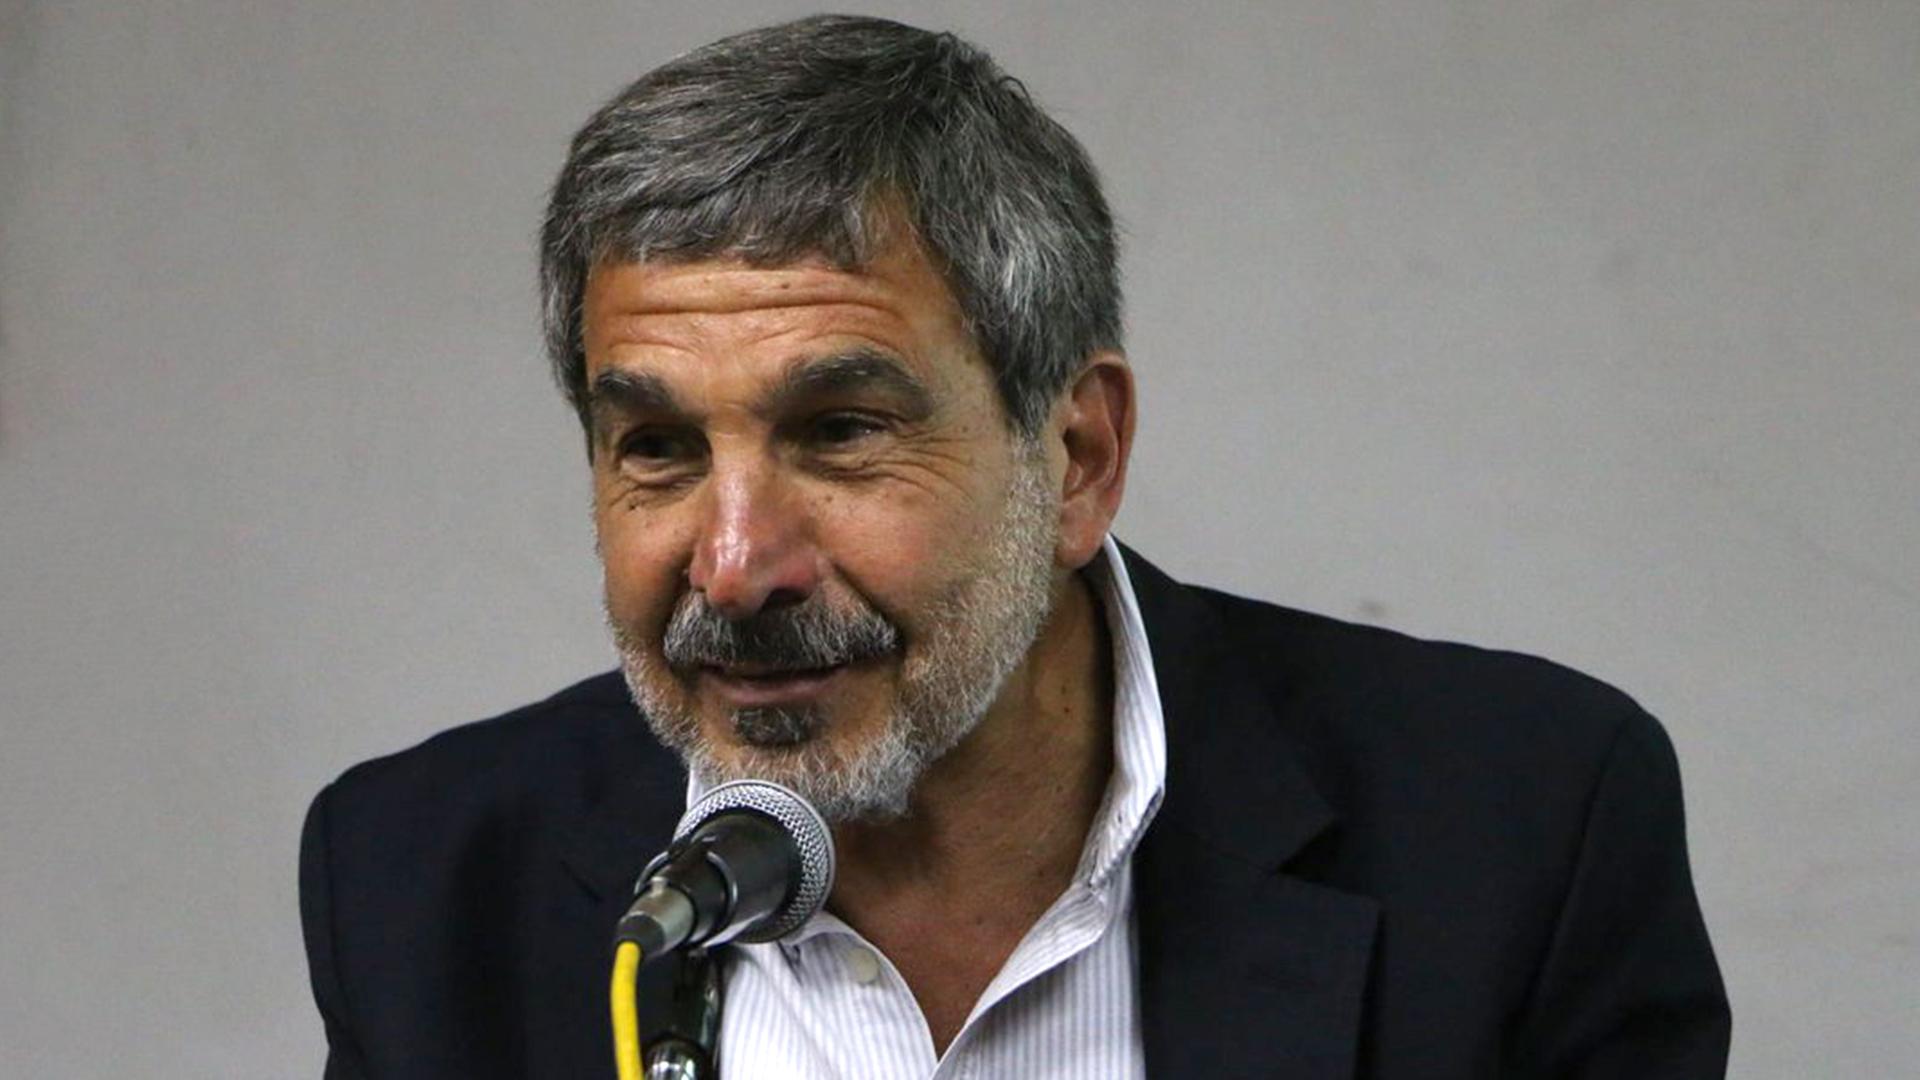 """Roberto Salvarezza: """"Estamos derribando el mito del investigador científico encerrado en una torre de cristal"""" - Infobae"""